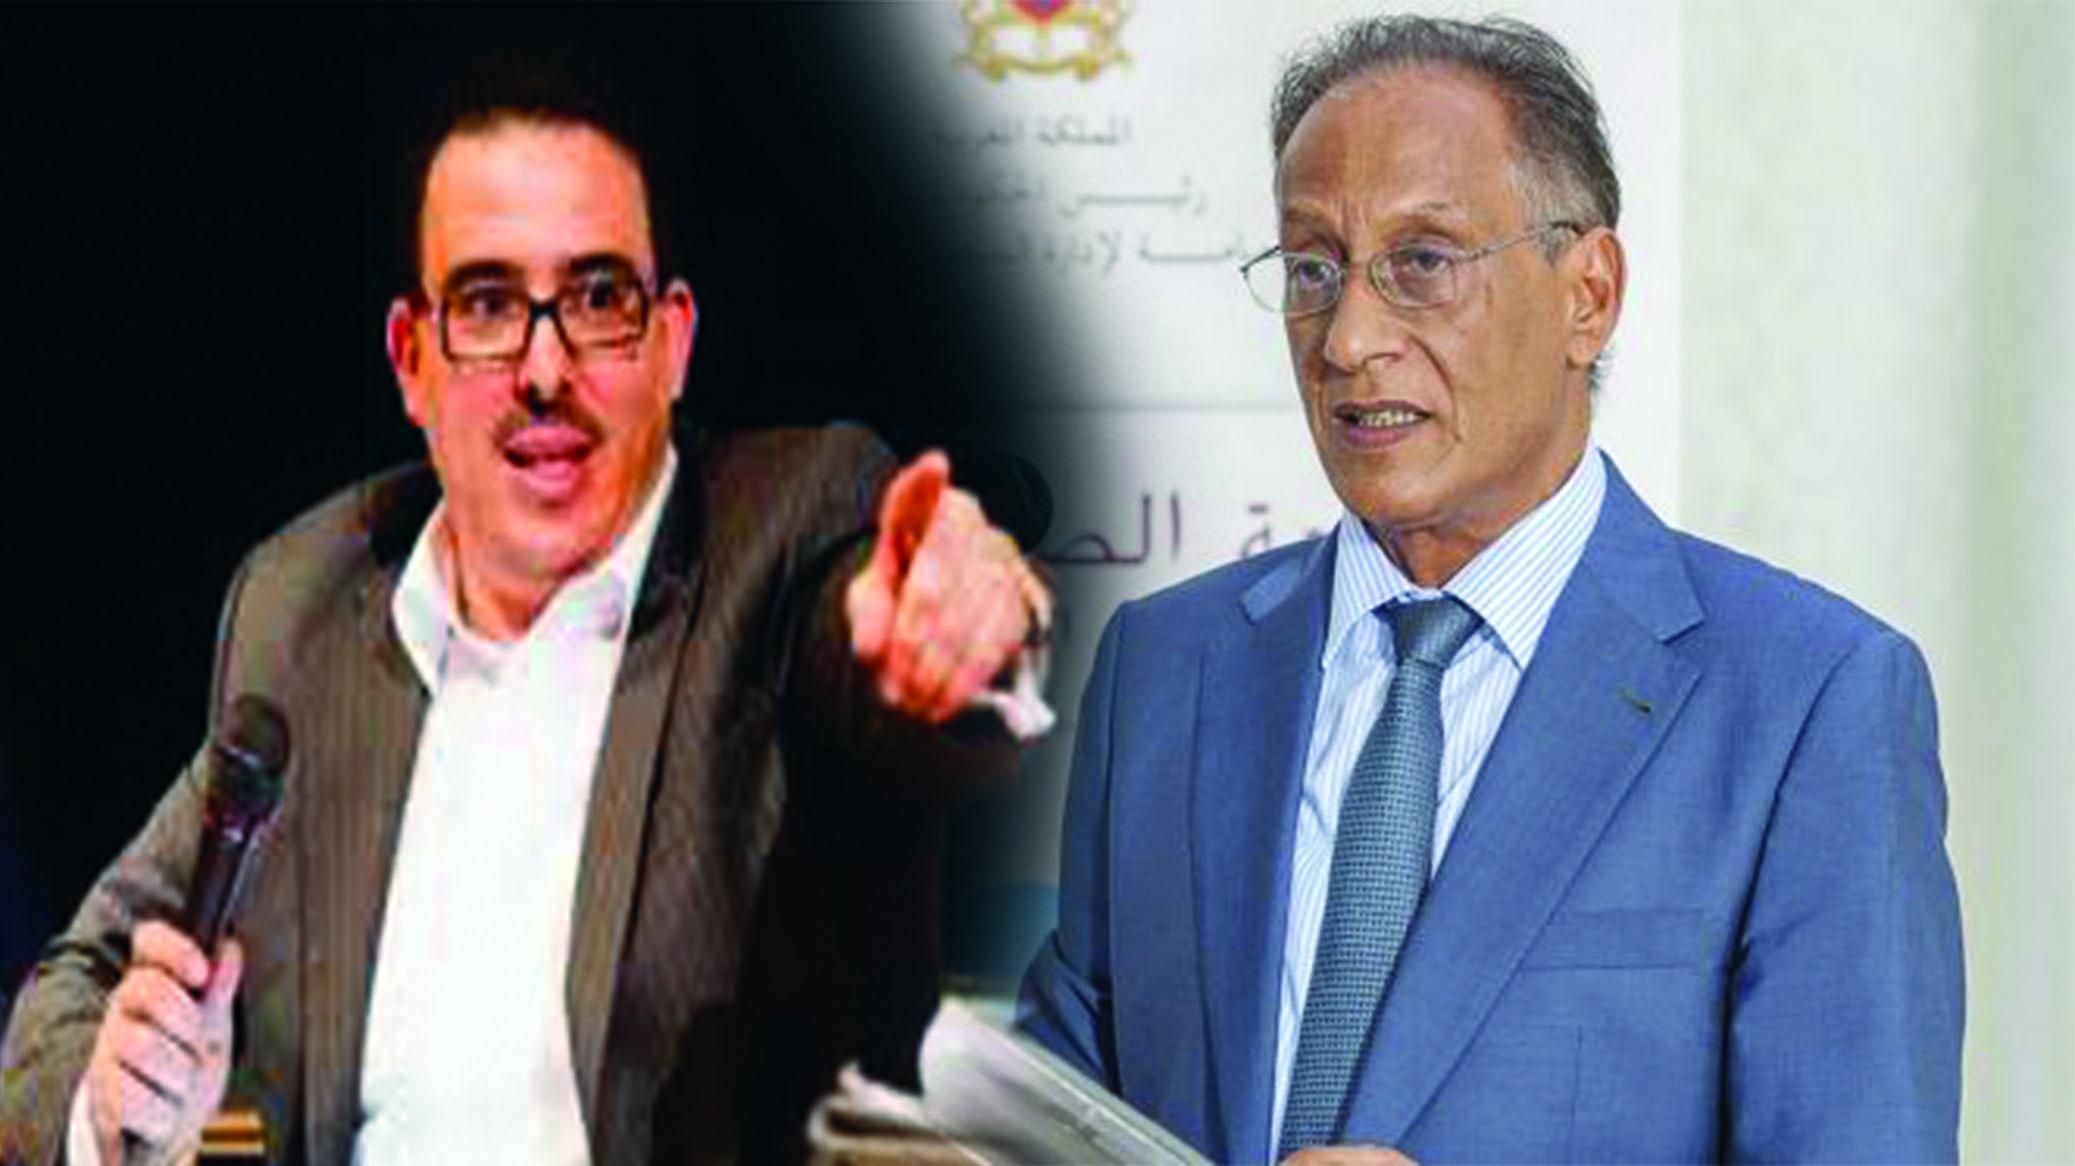 """مندوبية """"التامك"""" ترد على اتهامات برلماني ب""""تعذيب"""" الزفزافي وبوعشرين"""